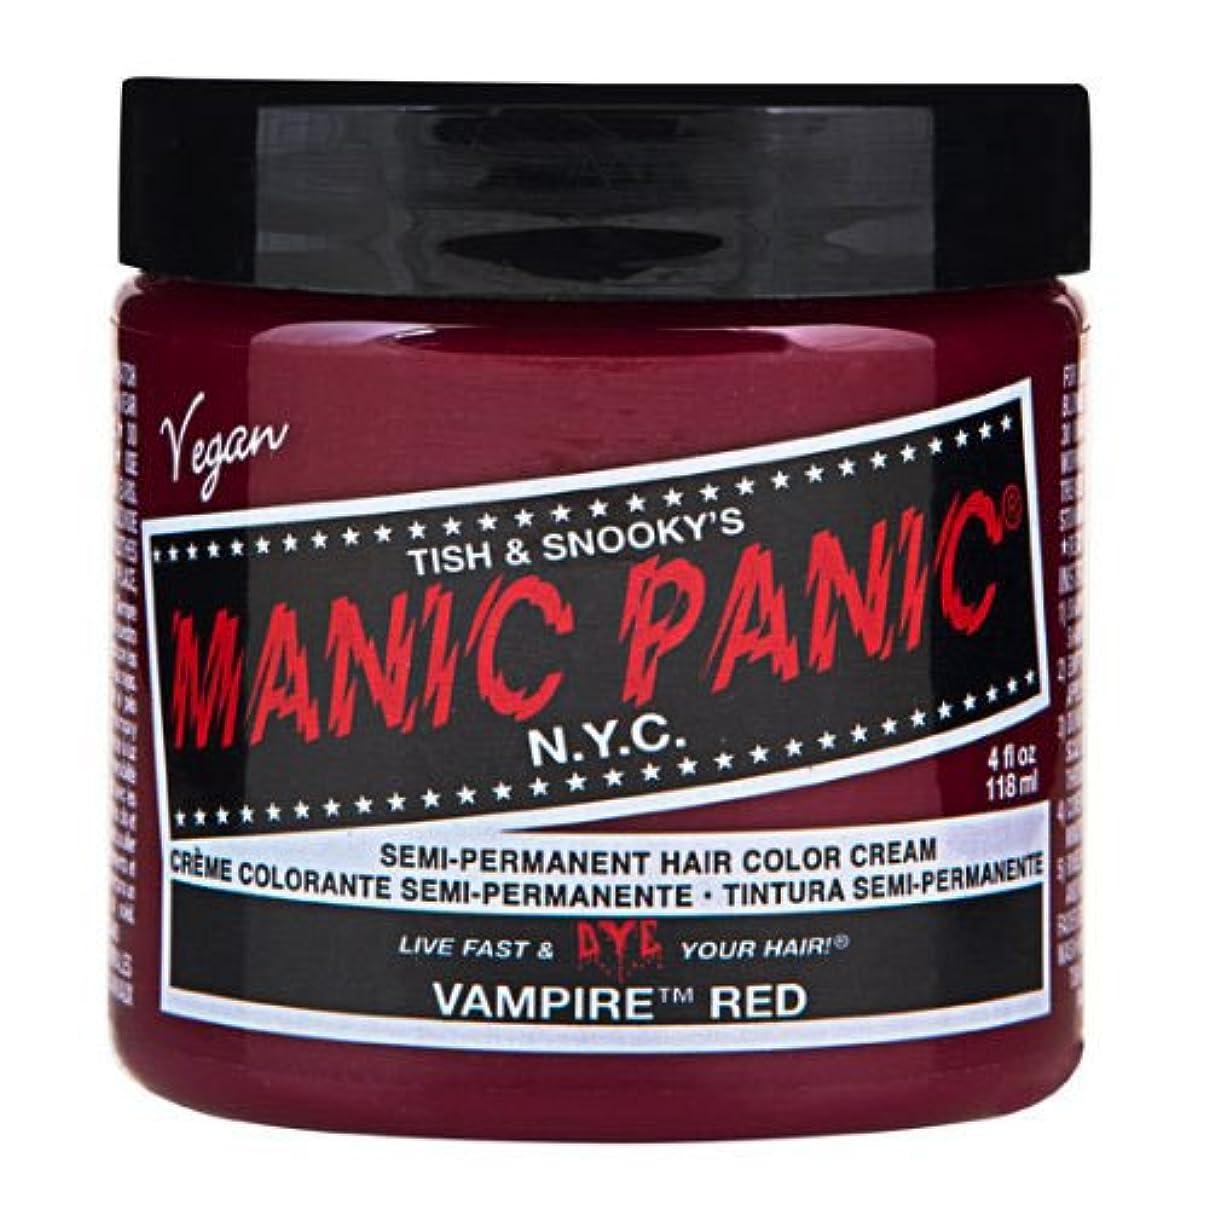 一貫性のないつかむモックマニックパニック カラークリーム ヴァンパイアレッド